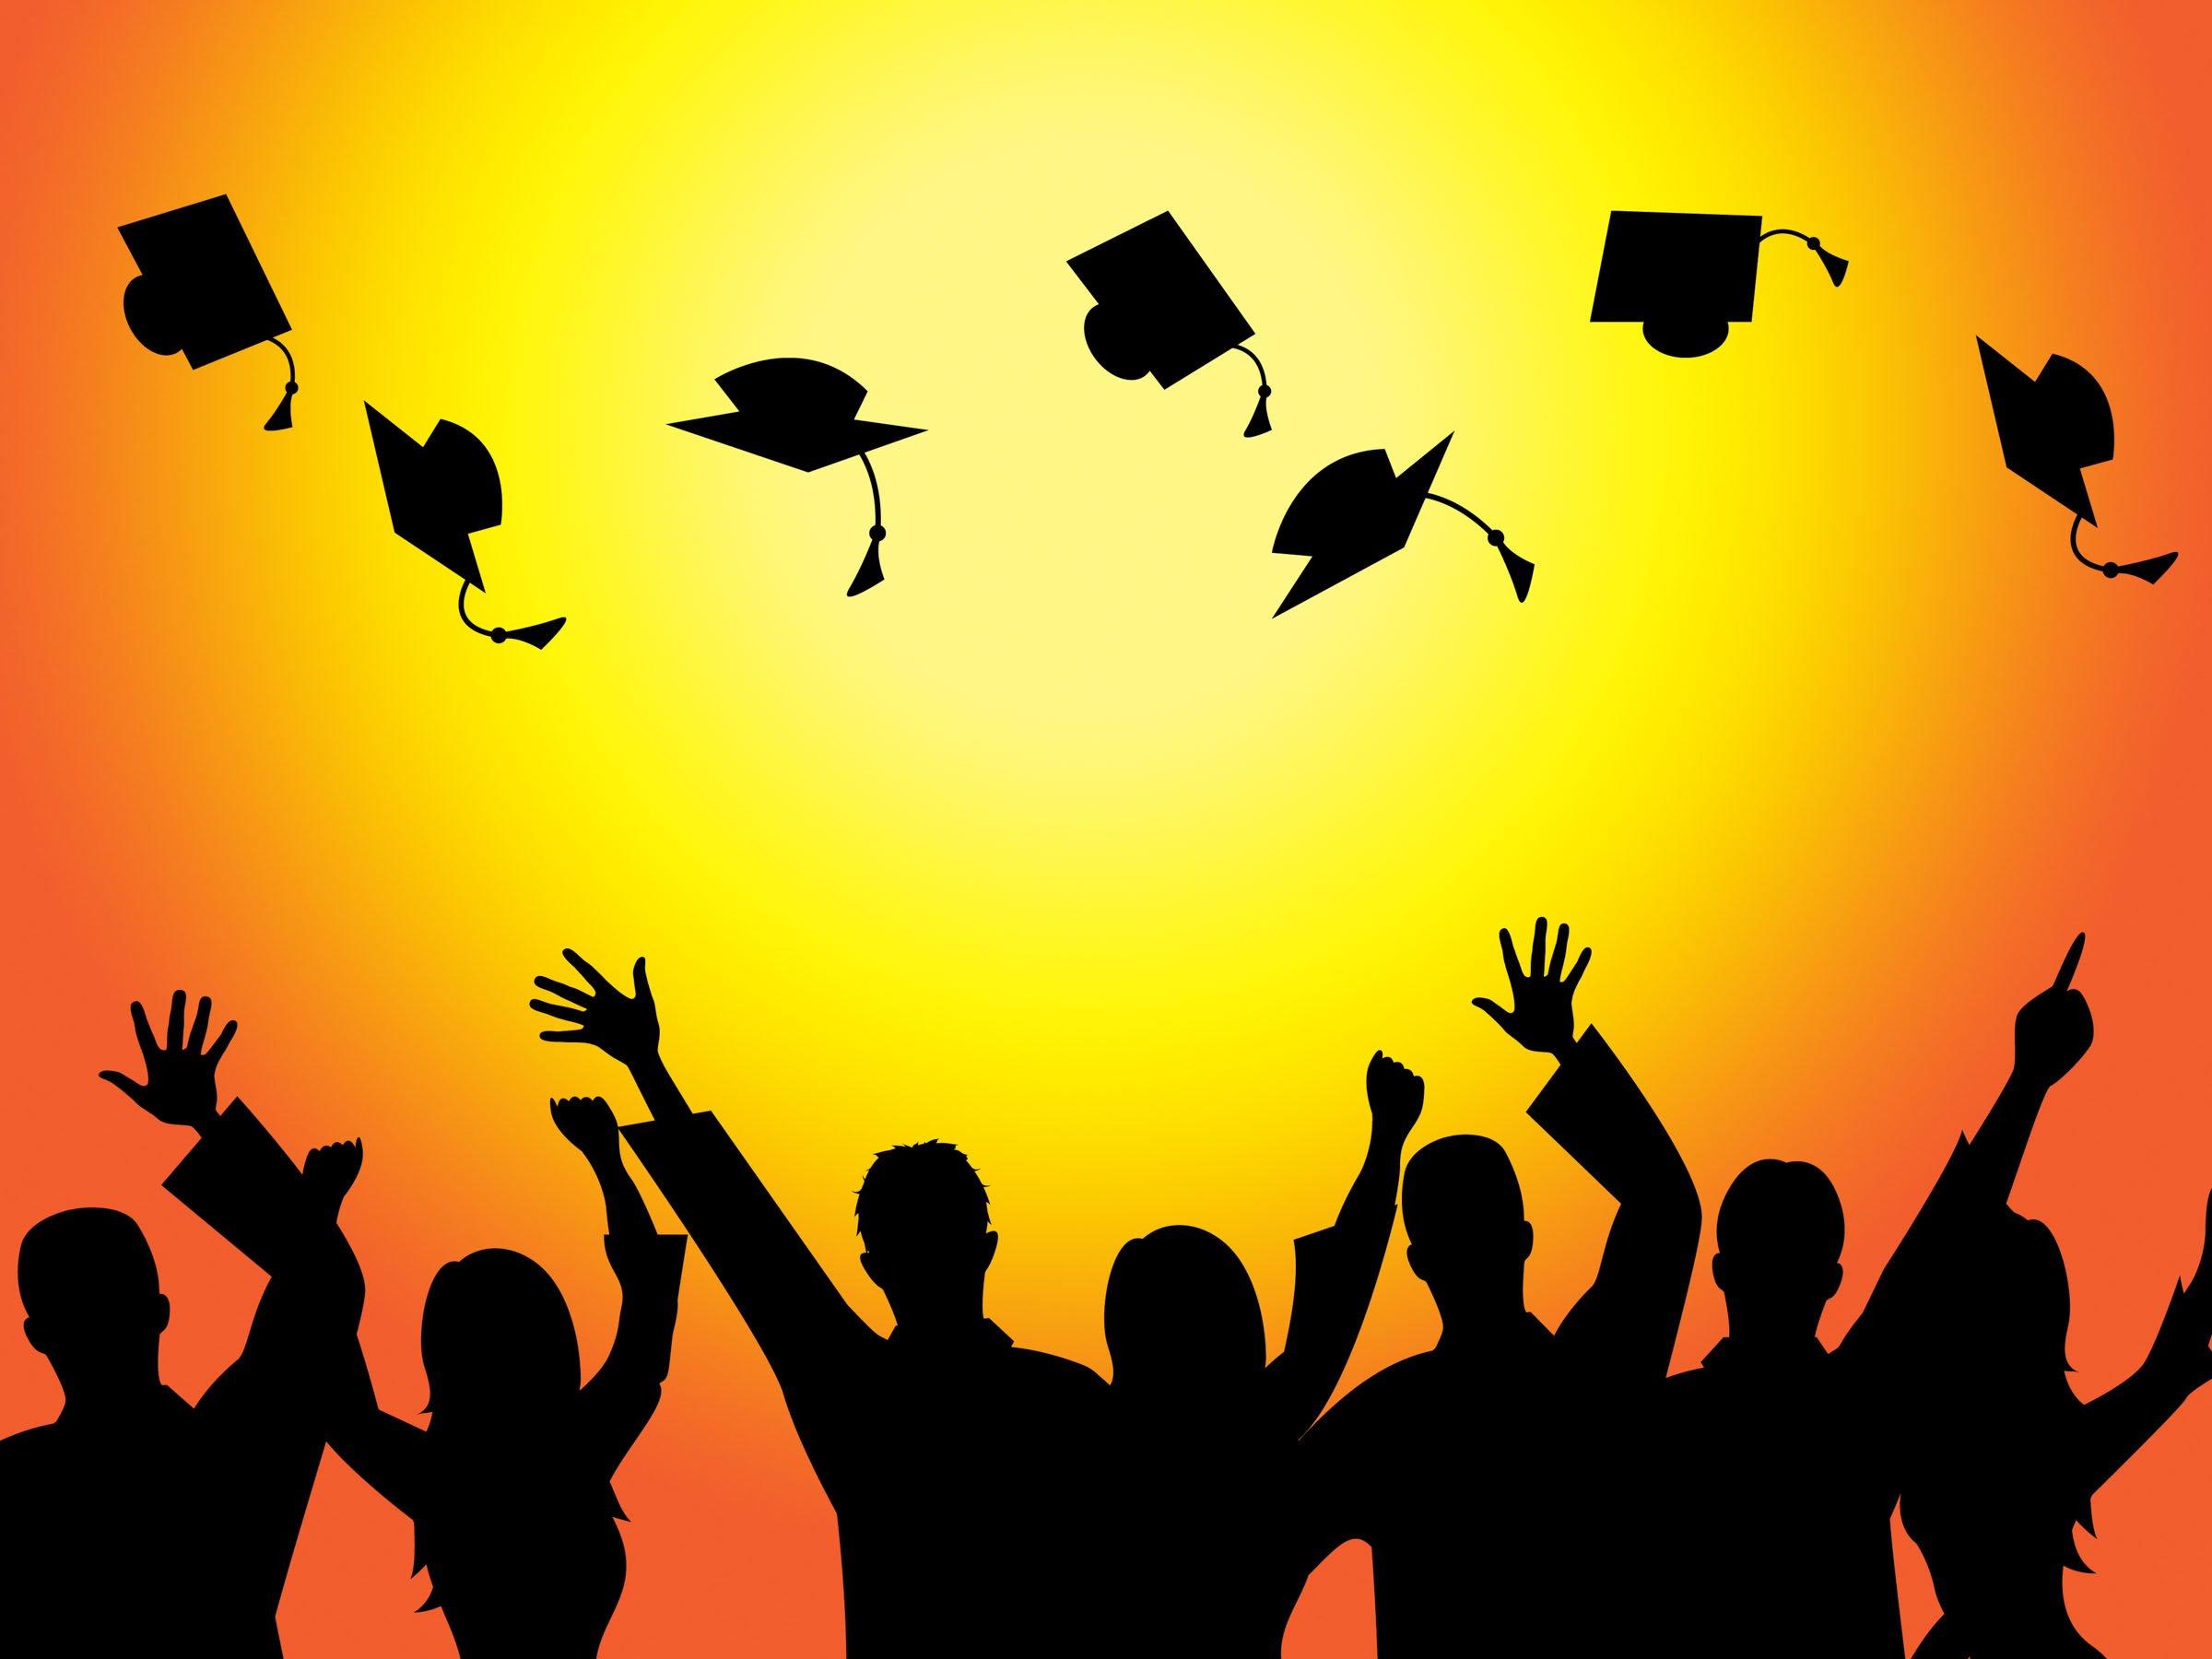 خمس وسائل تعمل علي تحفيز الطلاب